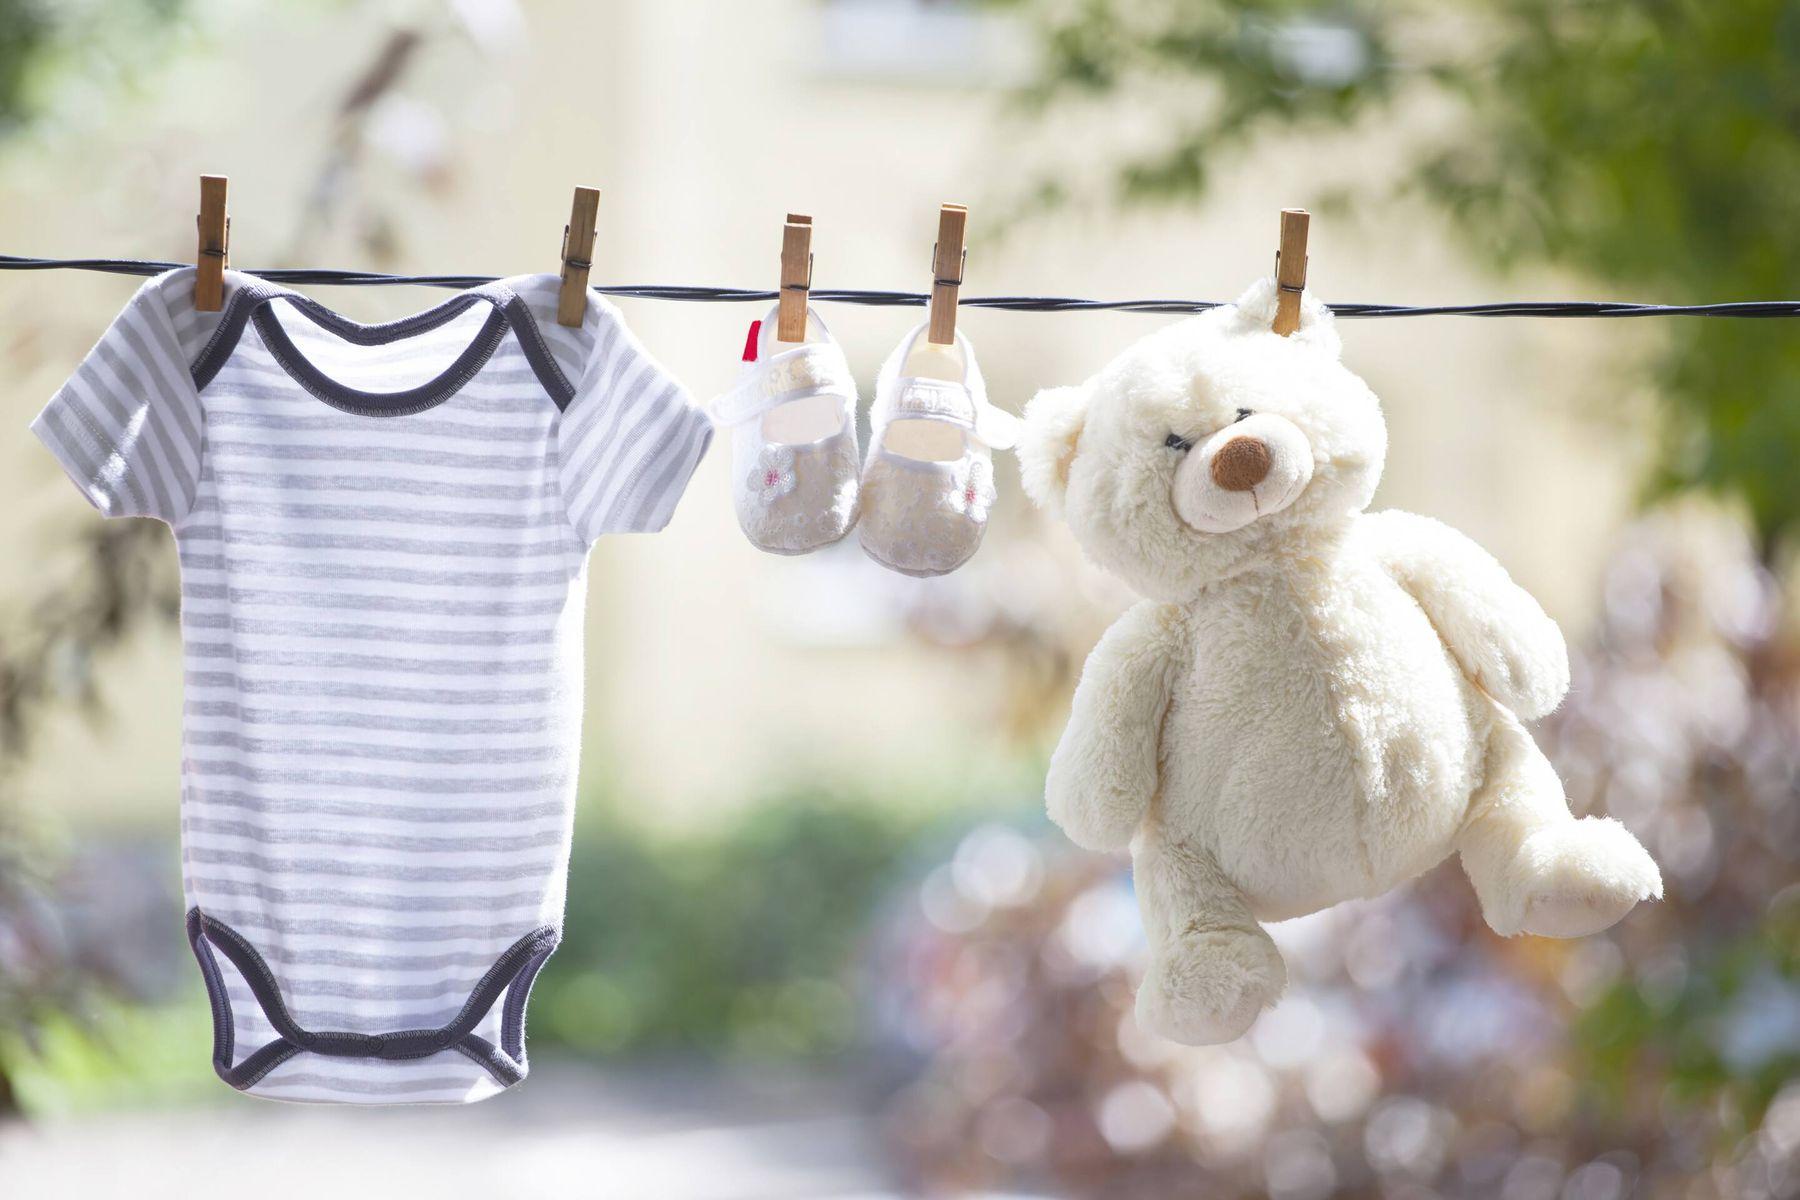 Bảo quản quần áo sơ sinh: Tưởng không khó mà khó không tưởng